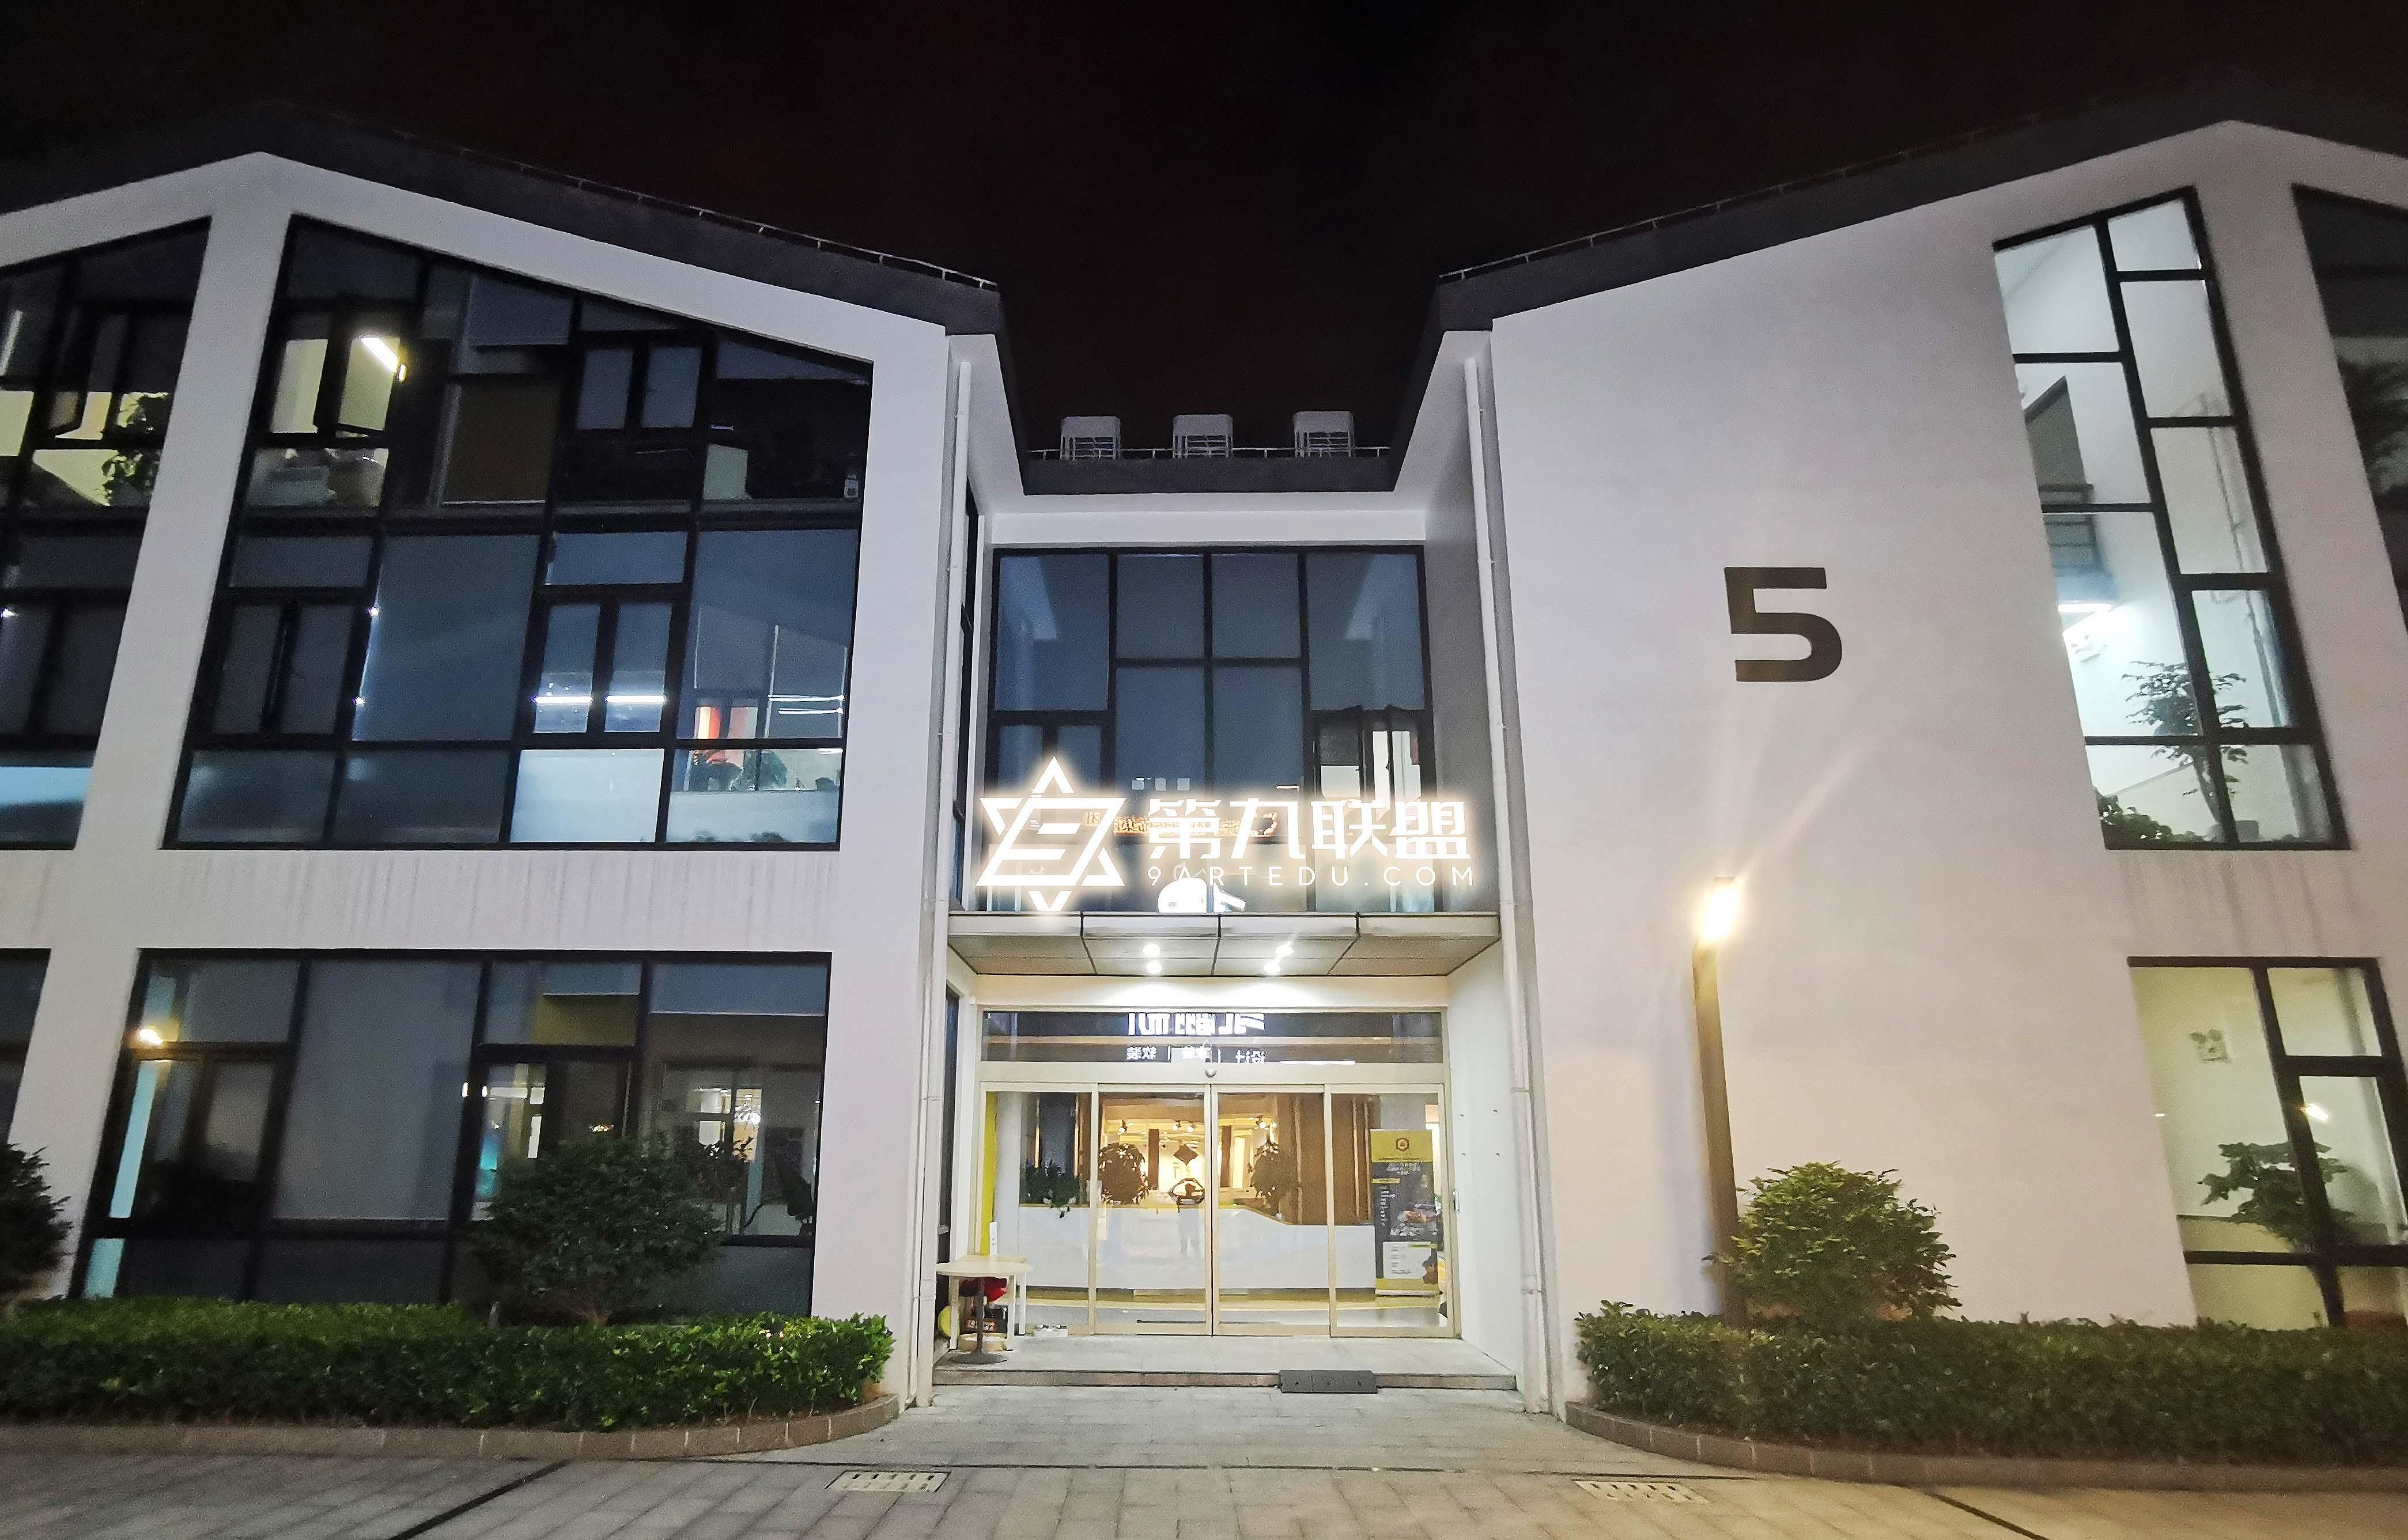 创业故事:第九联盟打造中国CG数字艺术教育人才孵化基地